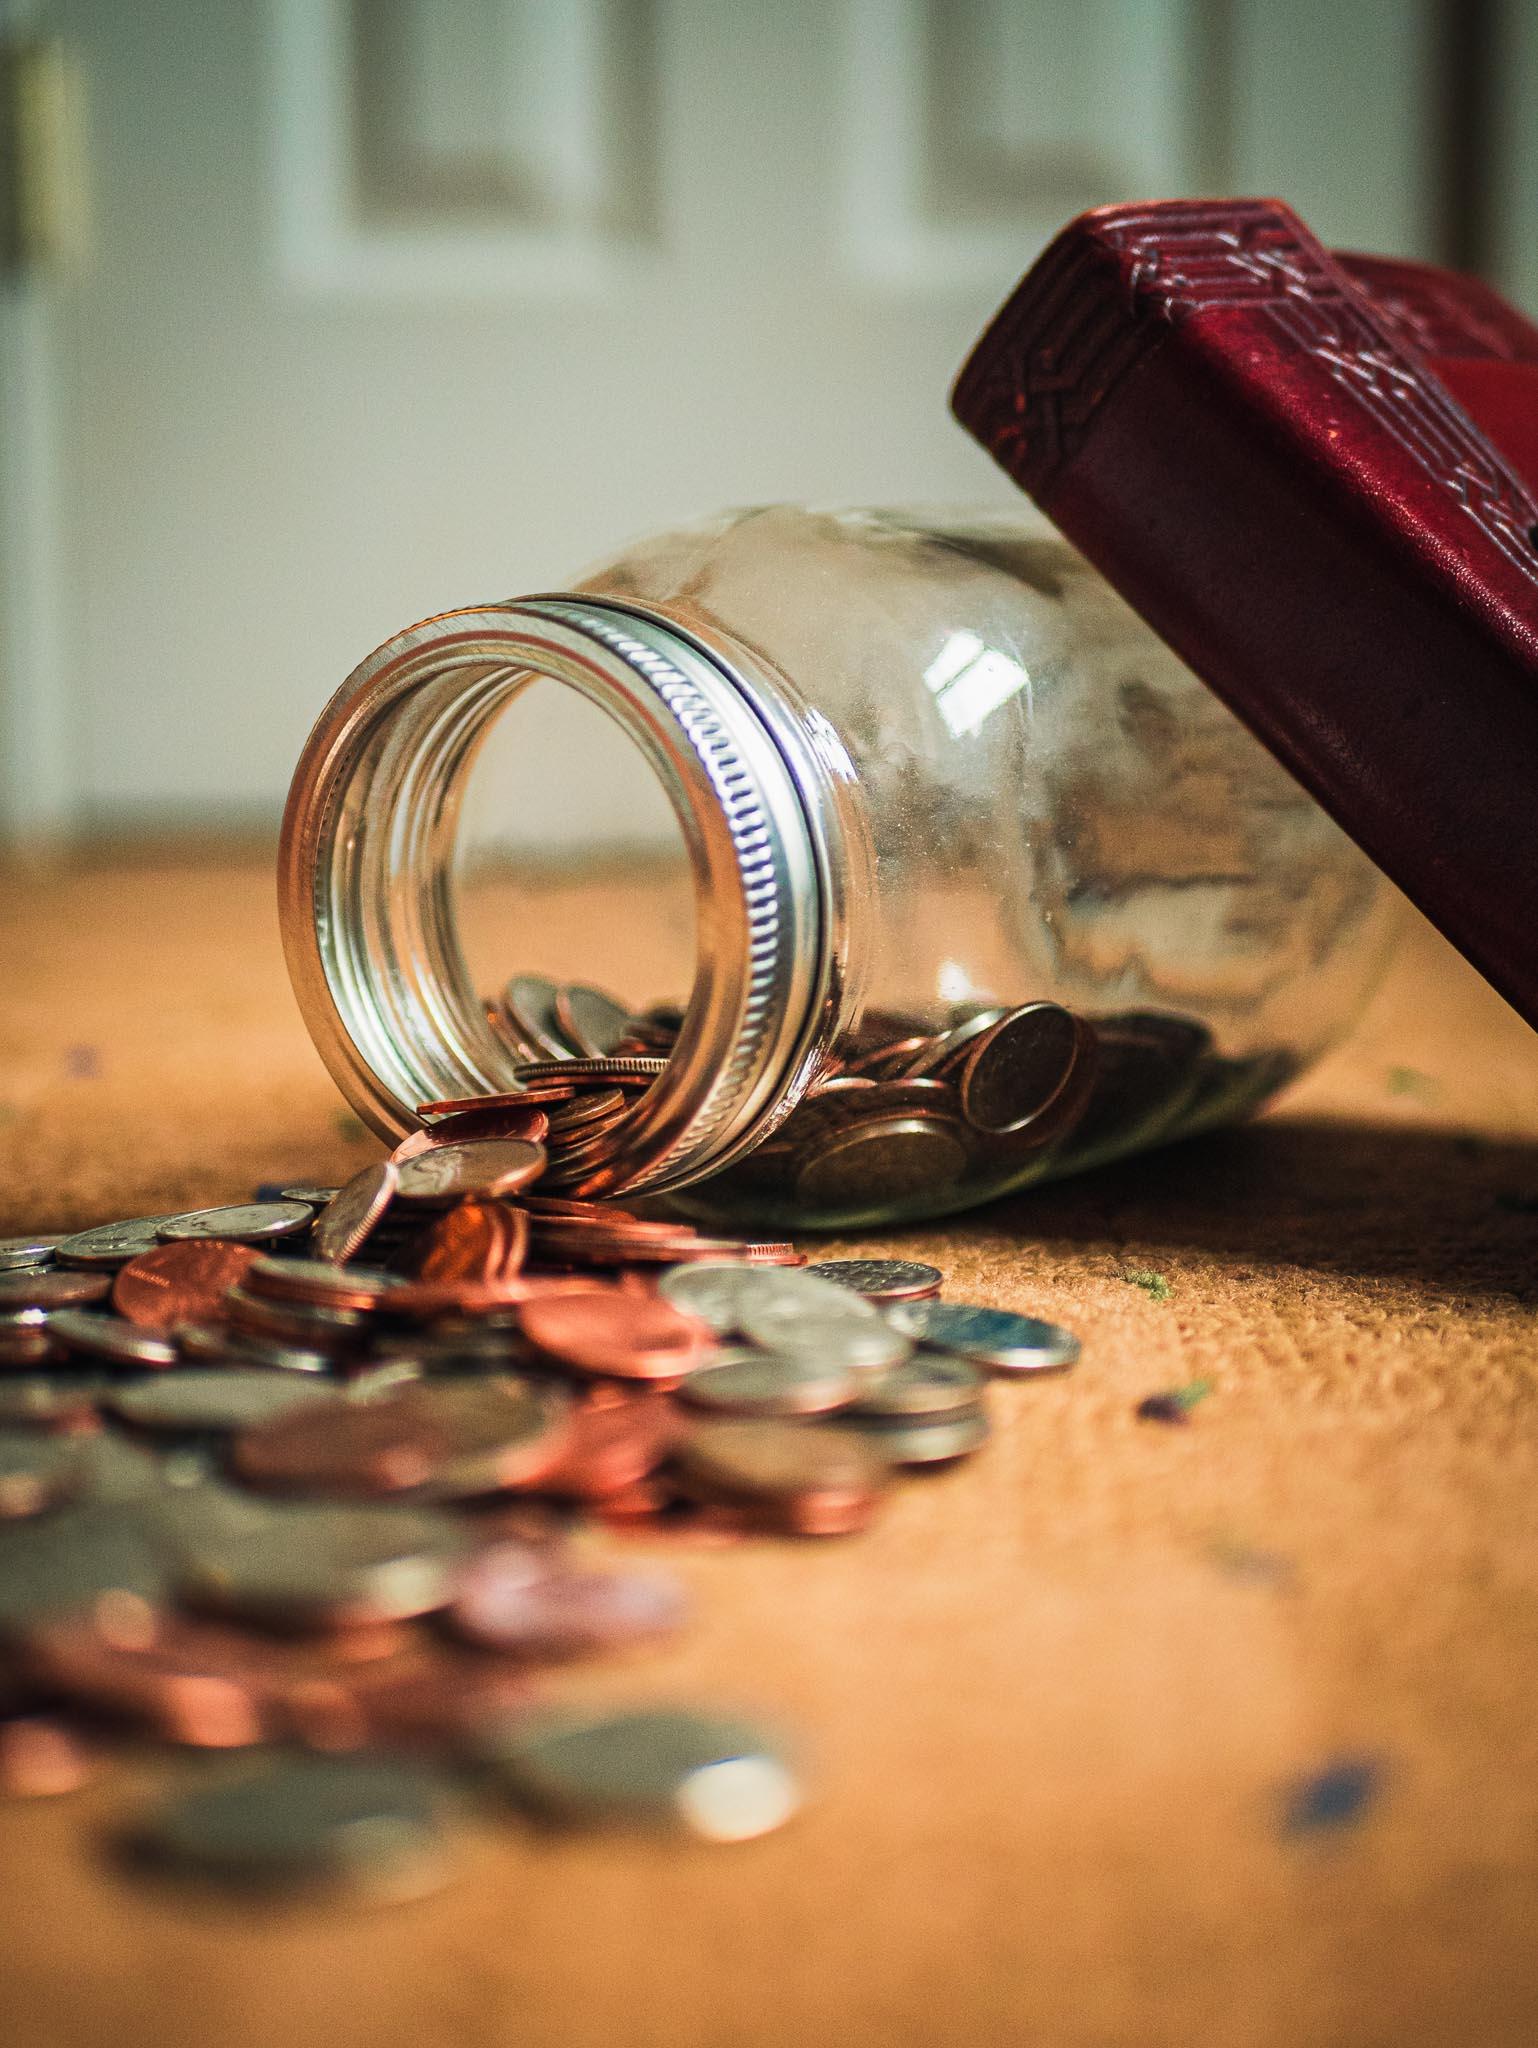 Photo d'un bocal en verre renversé sur une table remplit de pièce et ces dernières tombent sur la table